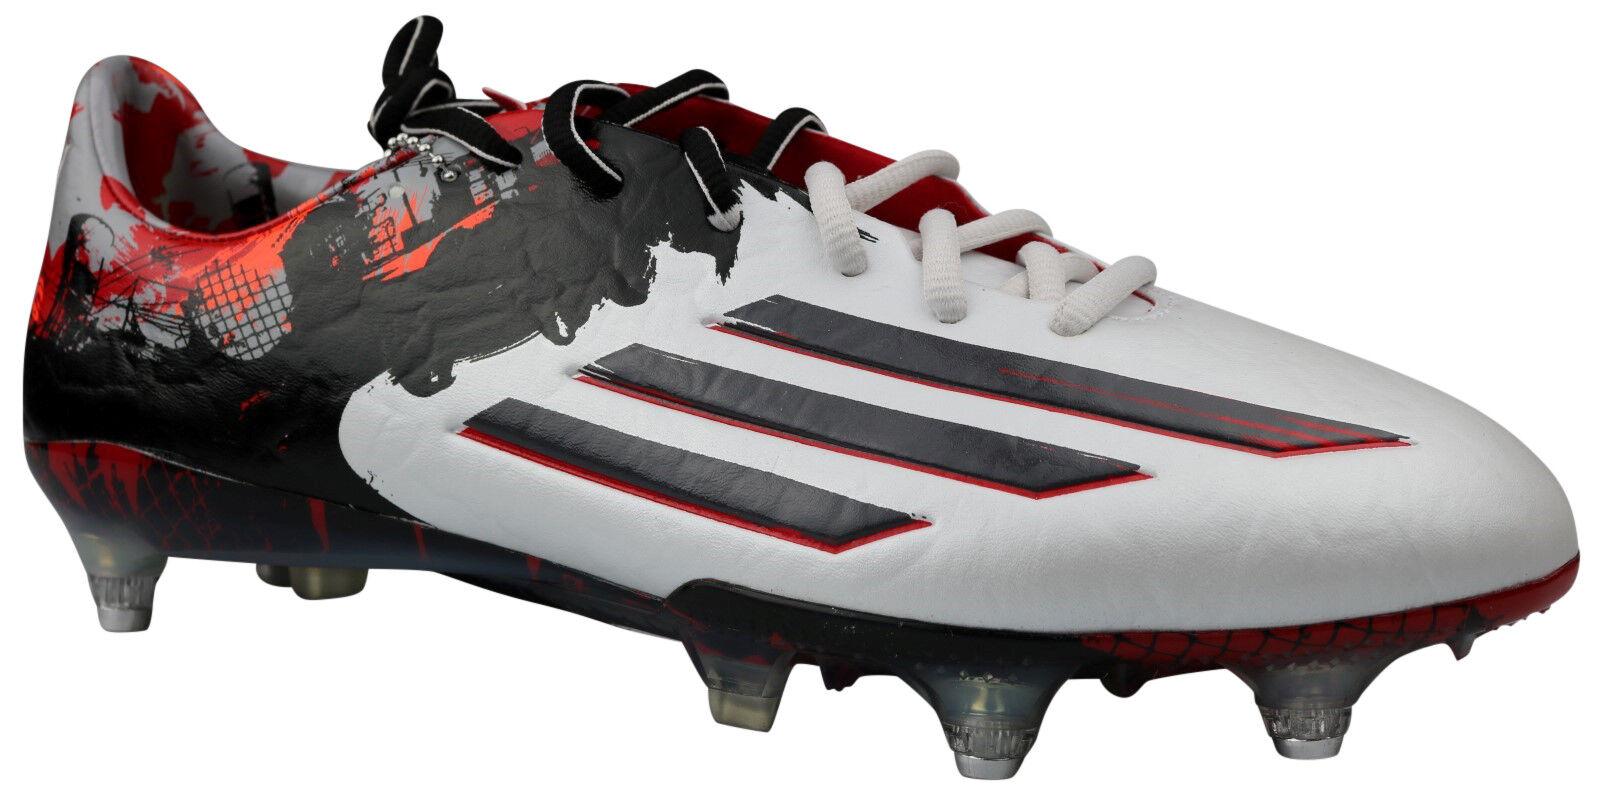 Adidas messi 10.1 sg señores botas de fútbol b23771 galerías talla 40,5 - 44 nuevo & OVP